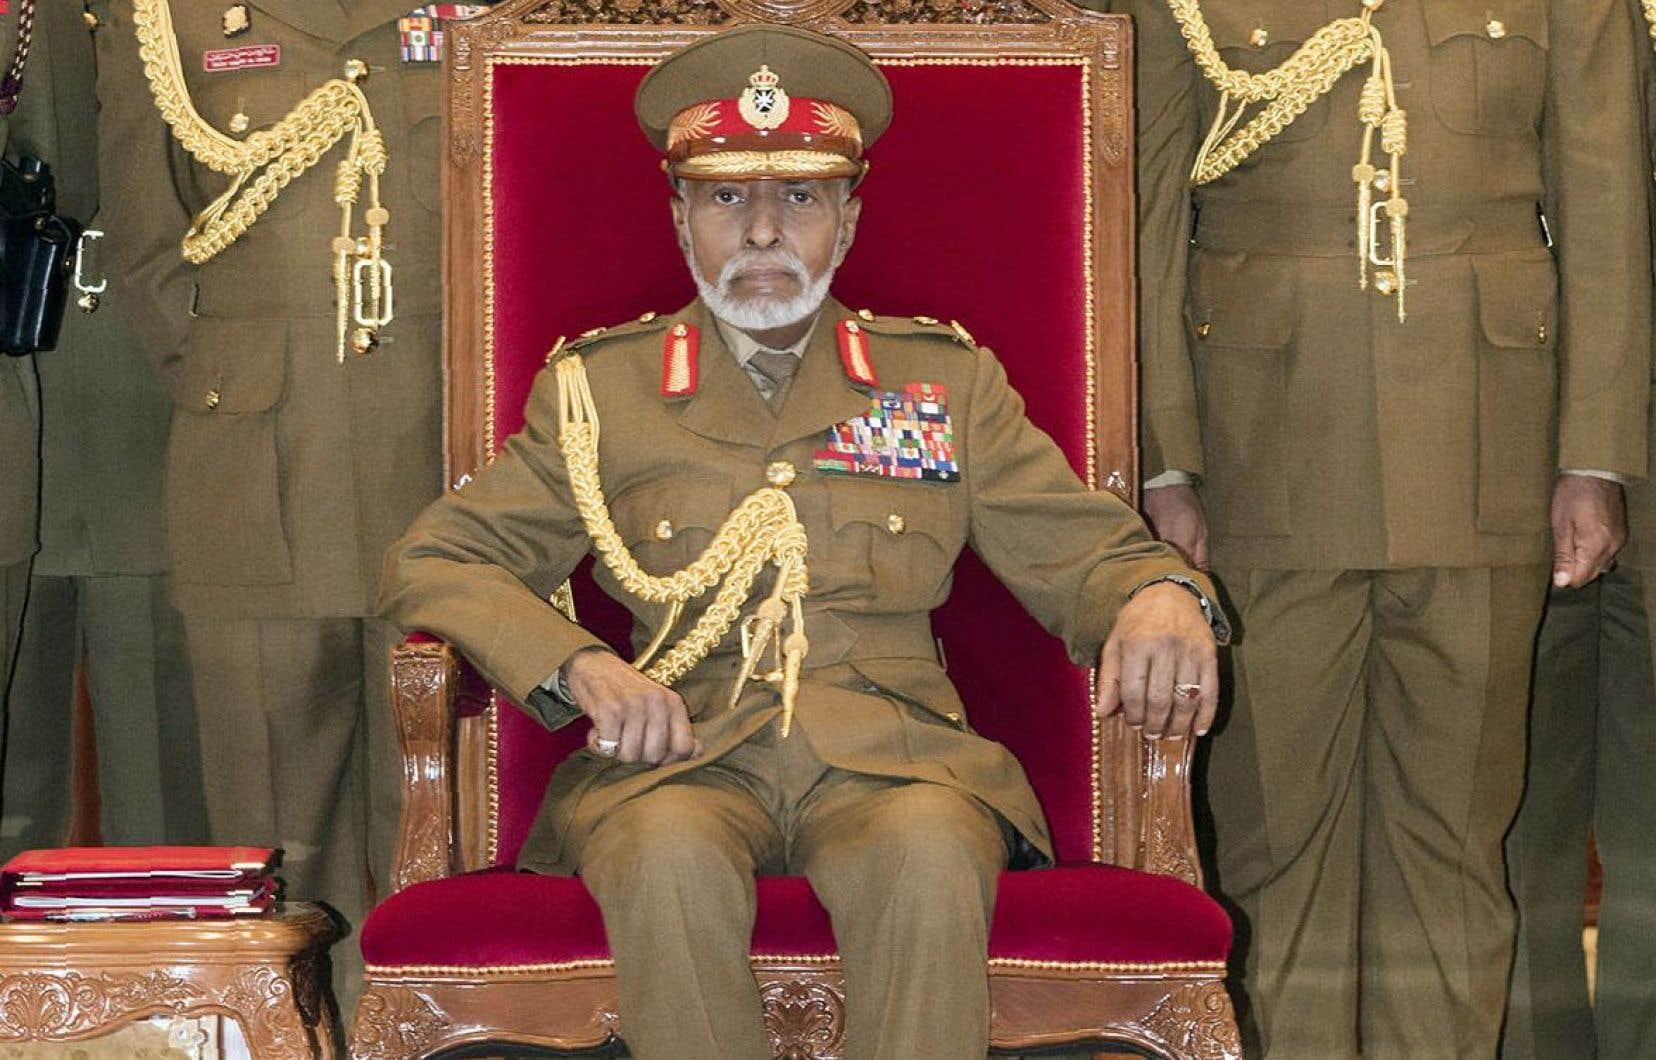 Le sultan d'Oman, Qabous ben Saïd, assiste à un défilé militaire dans la capitale de Muscat.